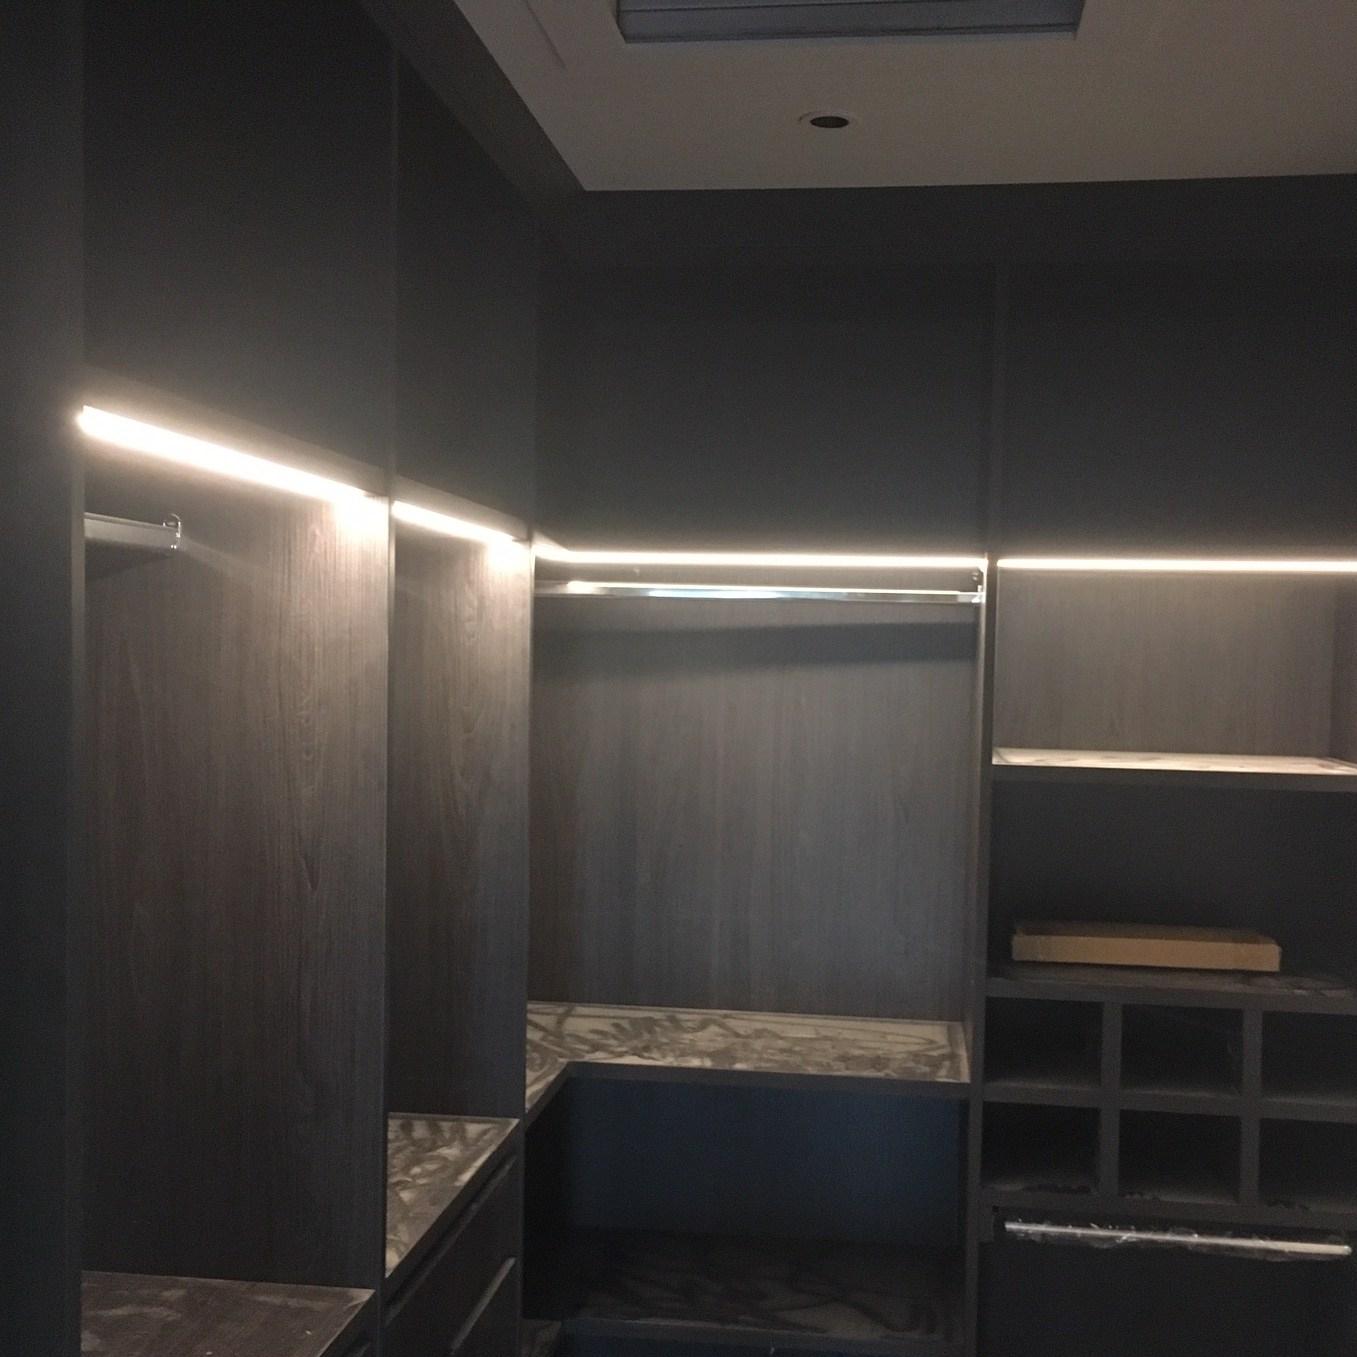 LED Line Lights for Walk-in Wardrobes